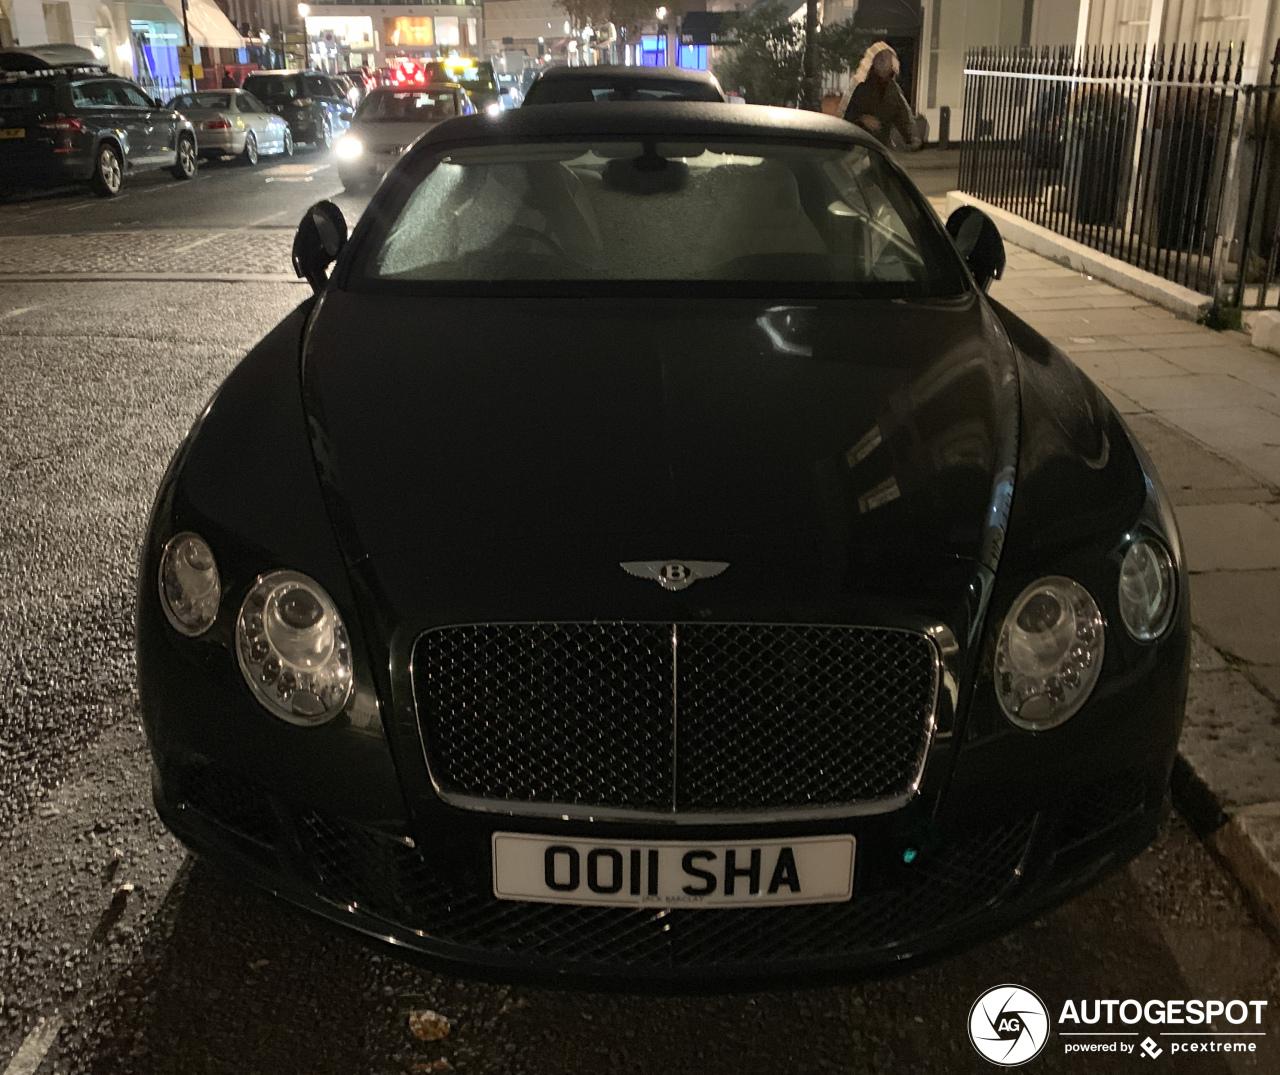 2012 Bentley Continental Camshaft: 28 ÿíóàðè 2019